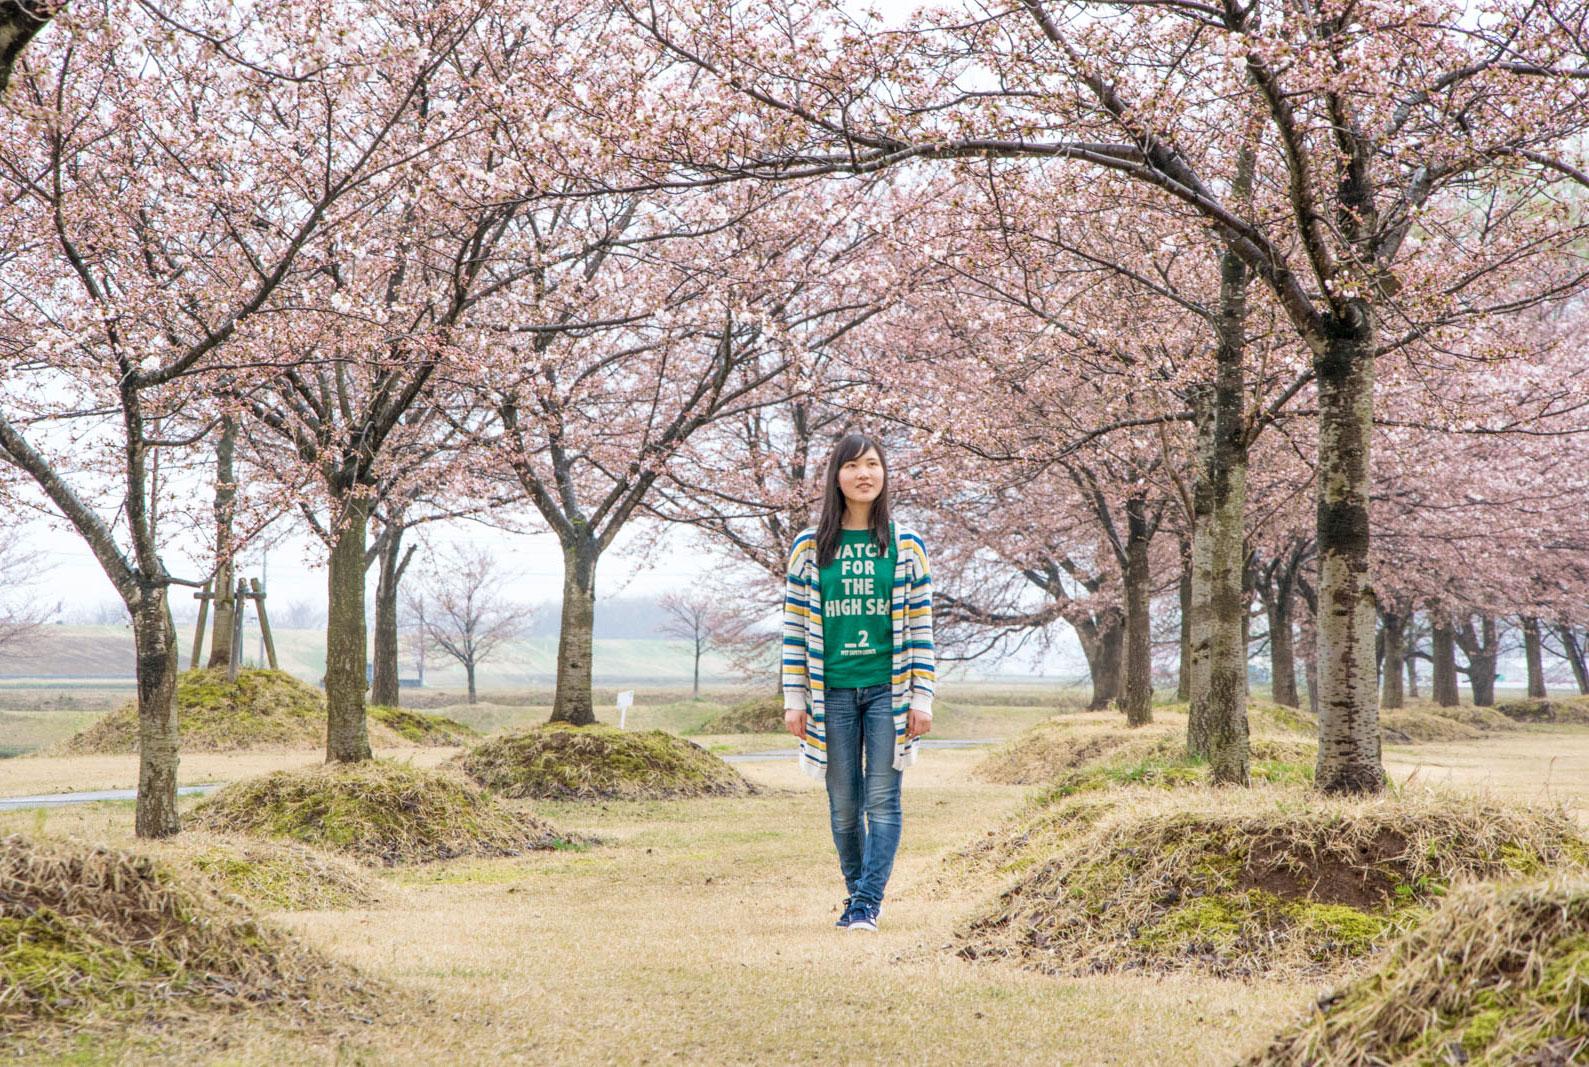 越路河川公園 桜の並木道